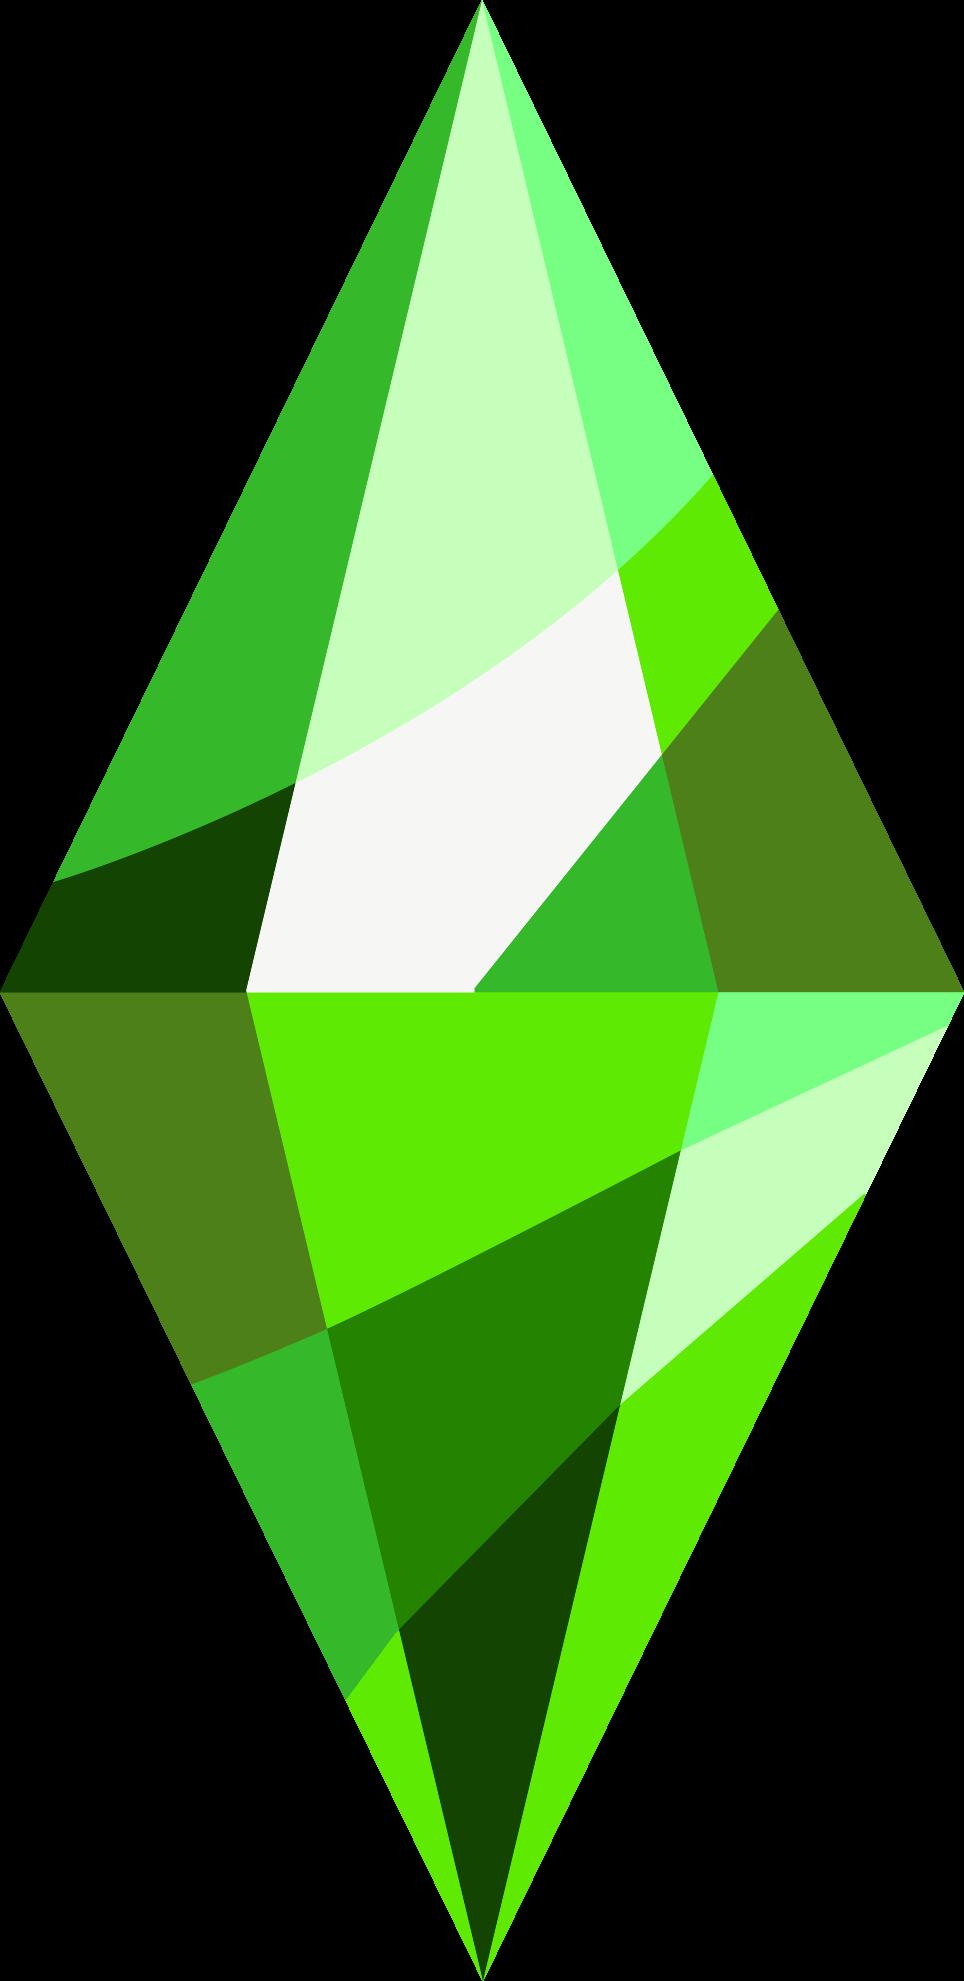 Plumbob The Sims Wiki FANDOM powered by Wikia 964x1981